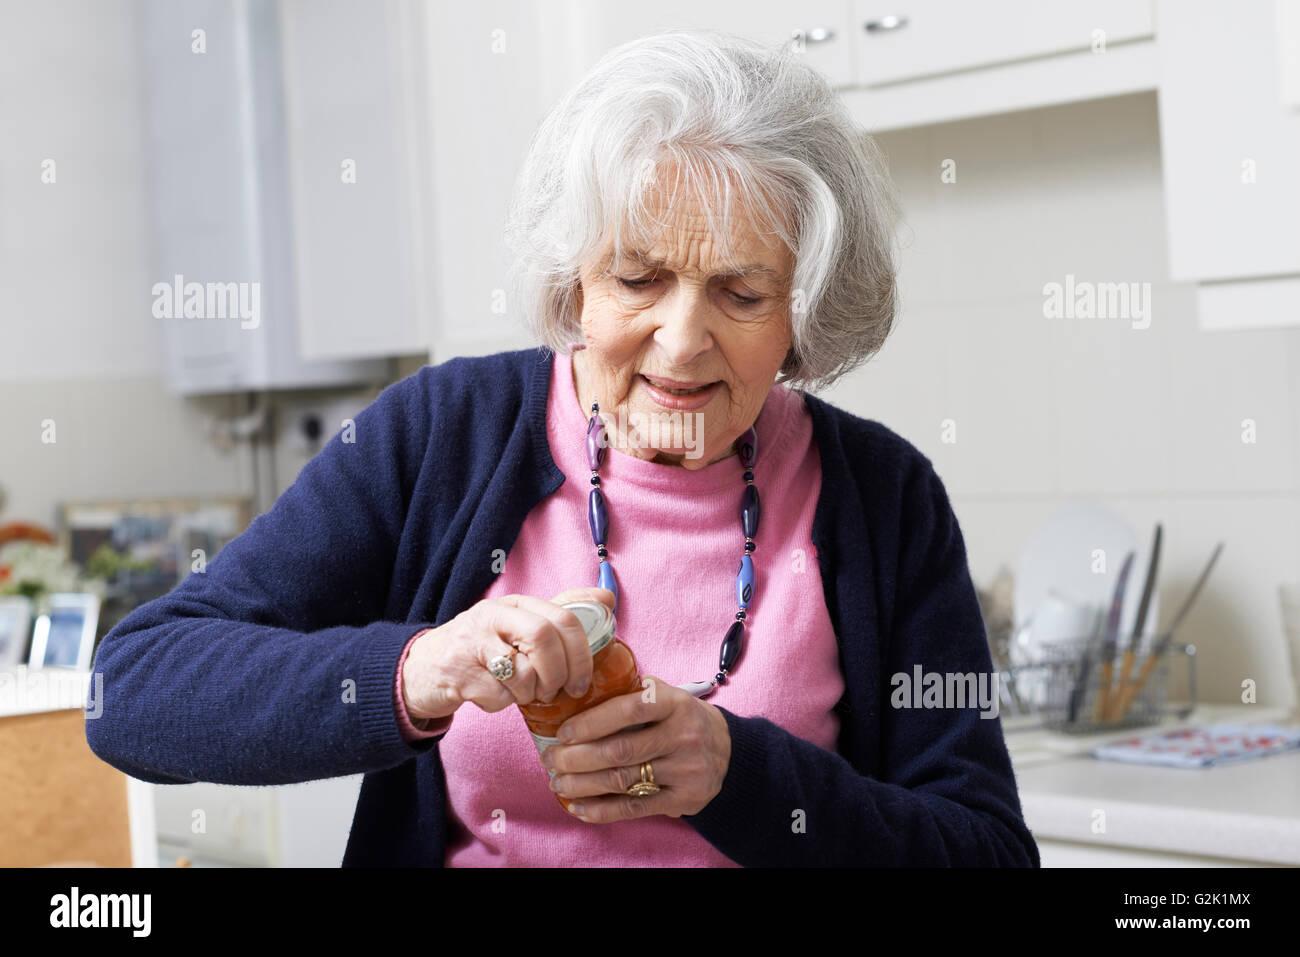 Senior Woman Struggling To Take Lid Off Jar - Stock Image